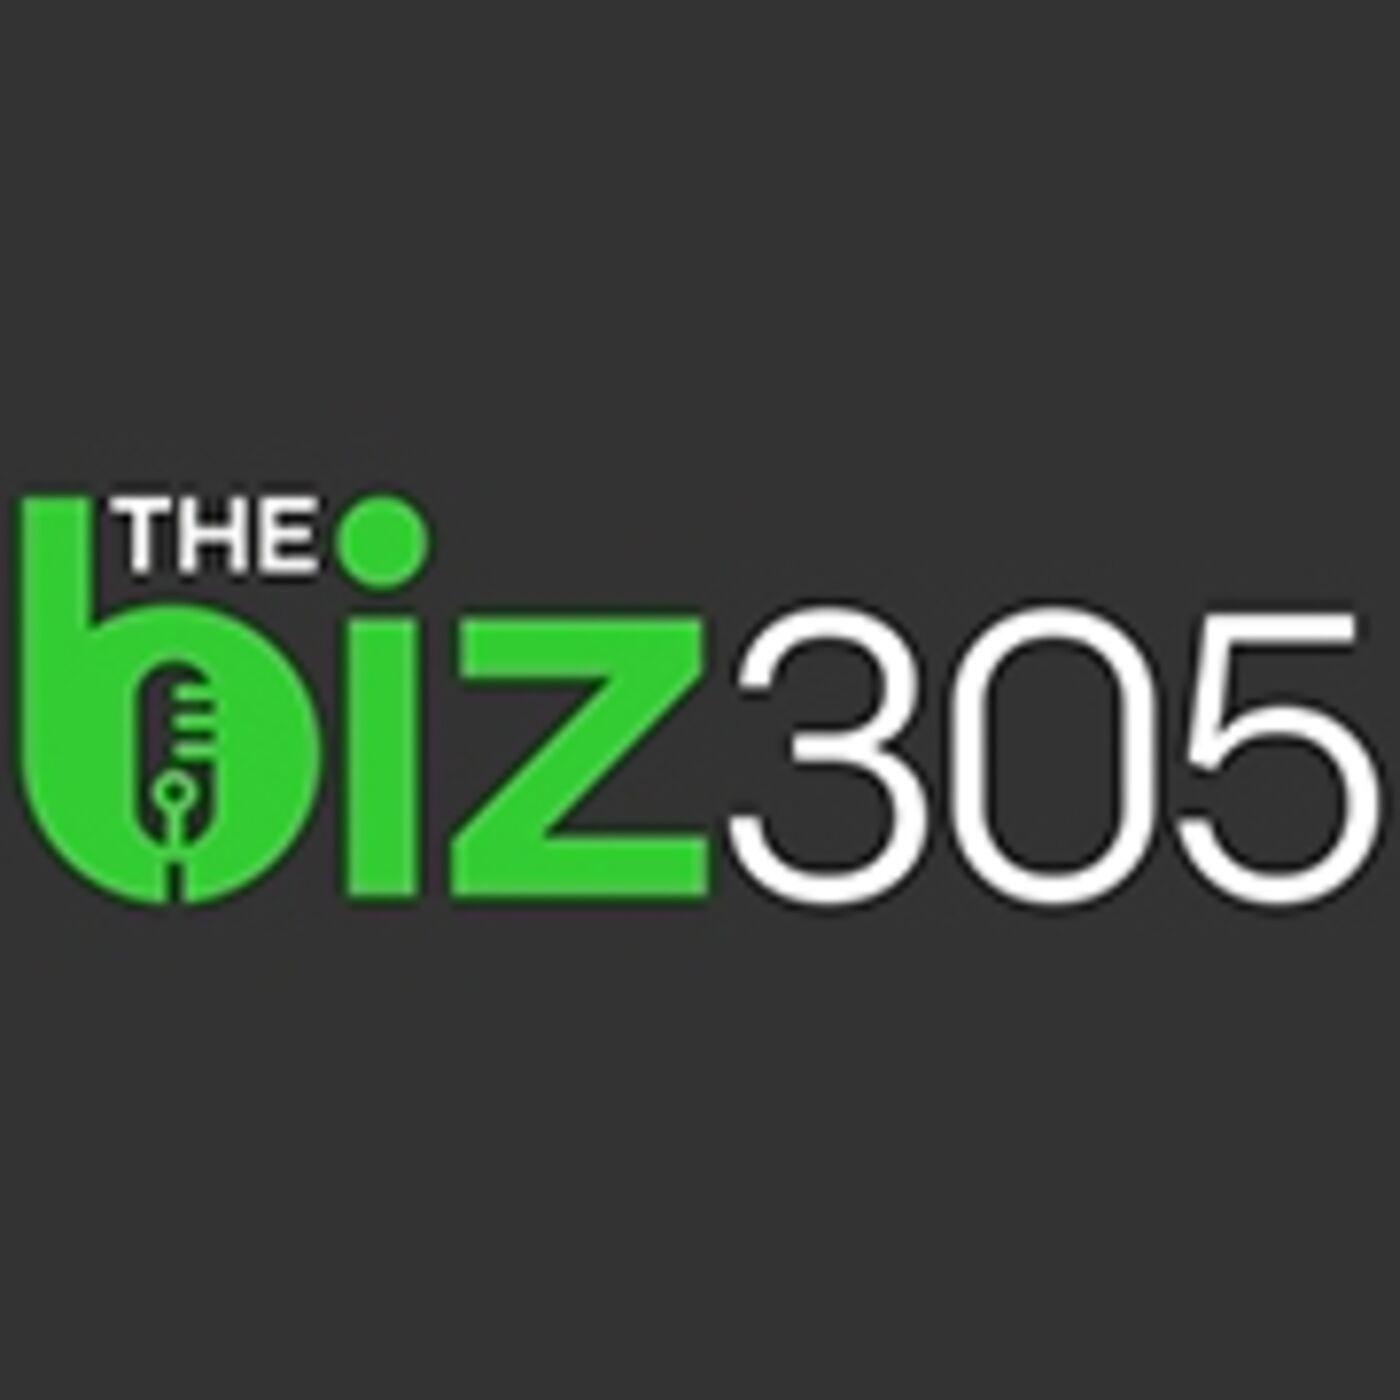 BIZ 305 features Q.Manifest - Life Coach Michelle